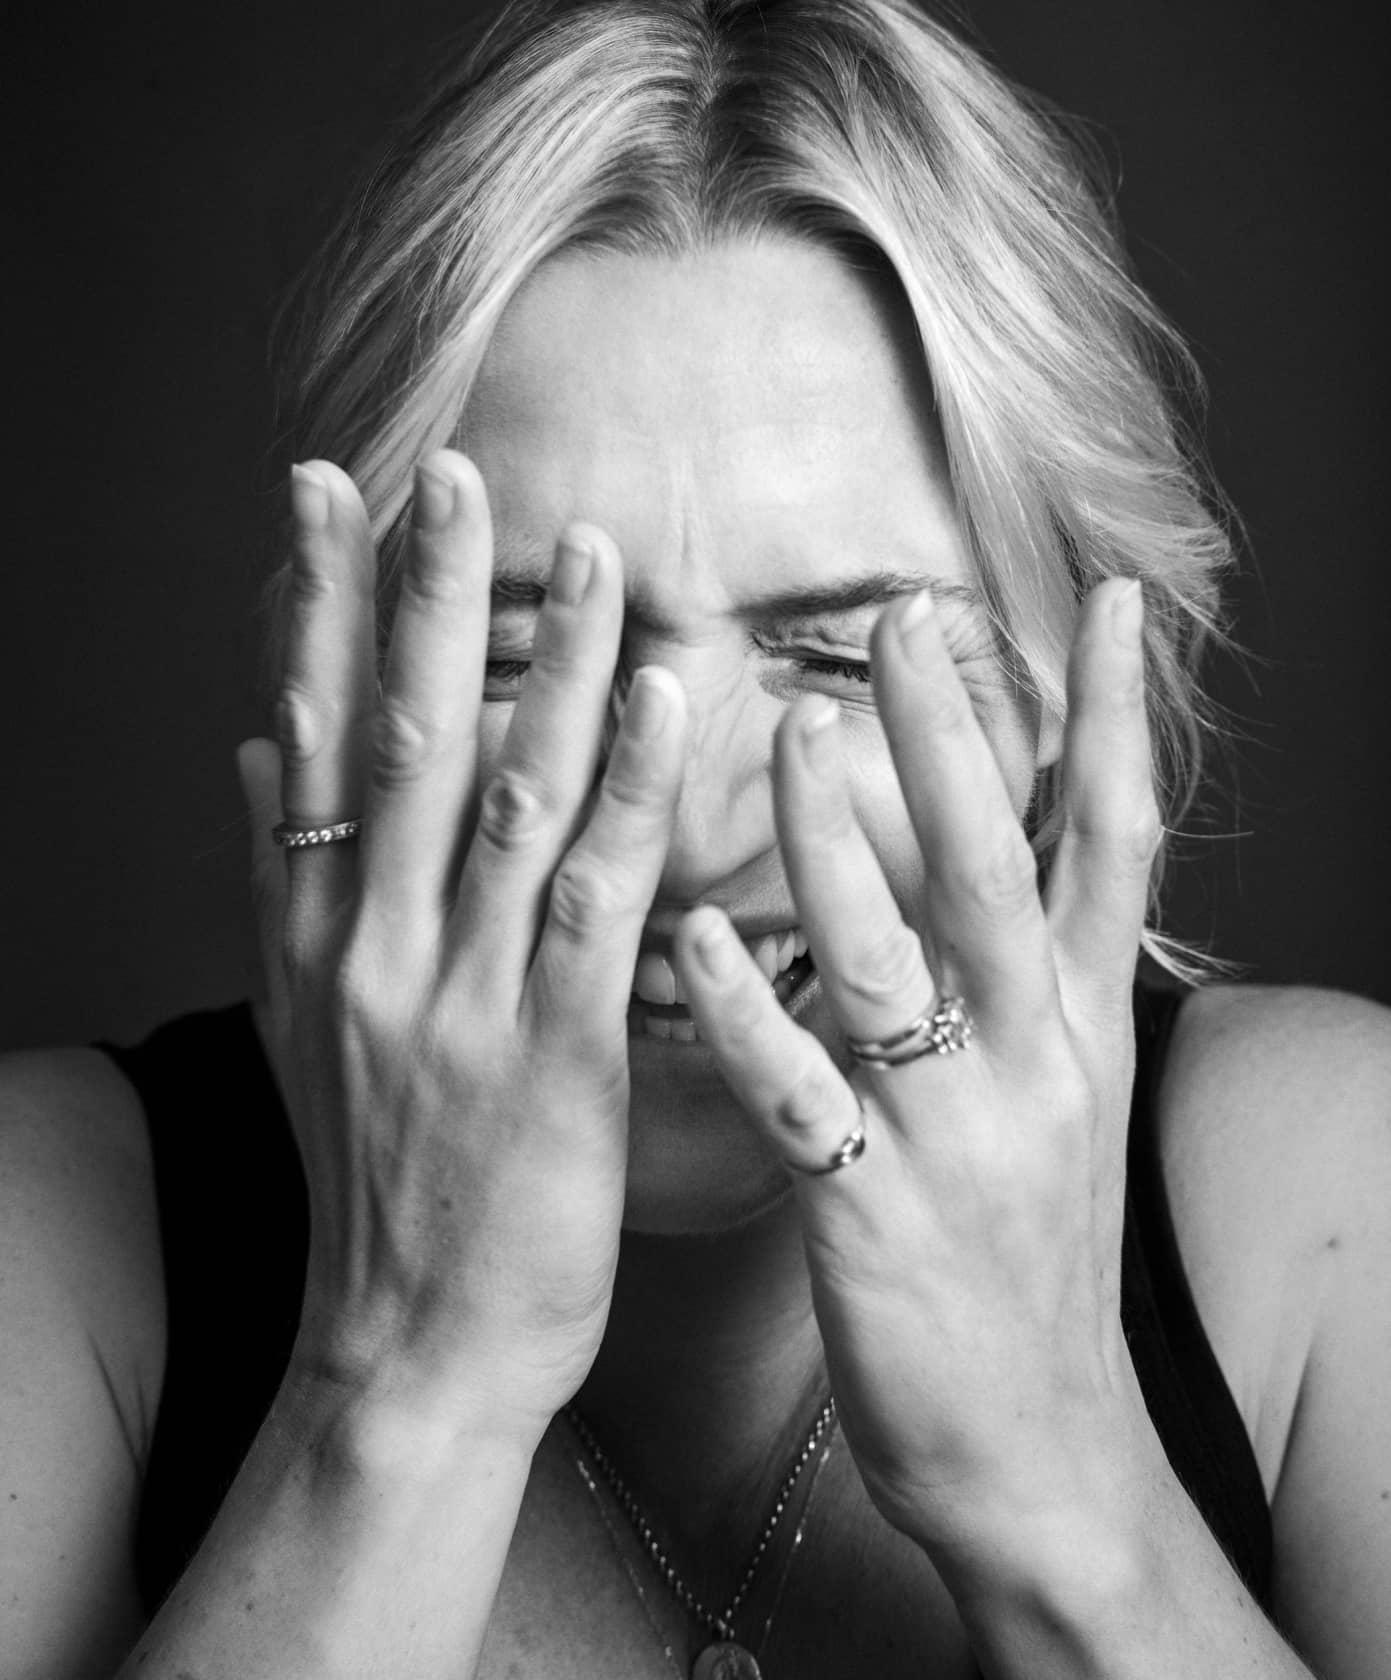 Andy Gotts Kate Winslet Fine Art Giclée Archival Print